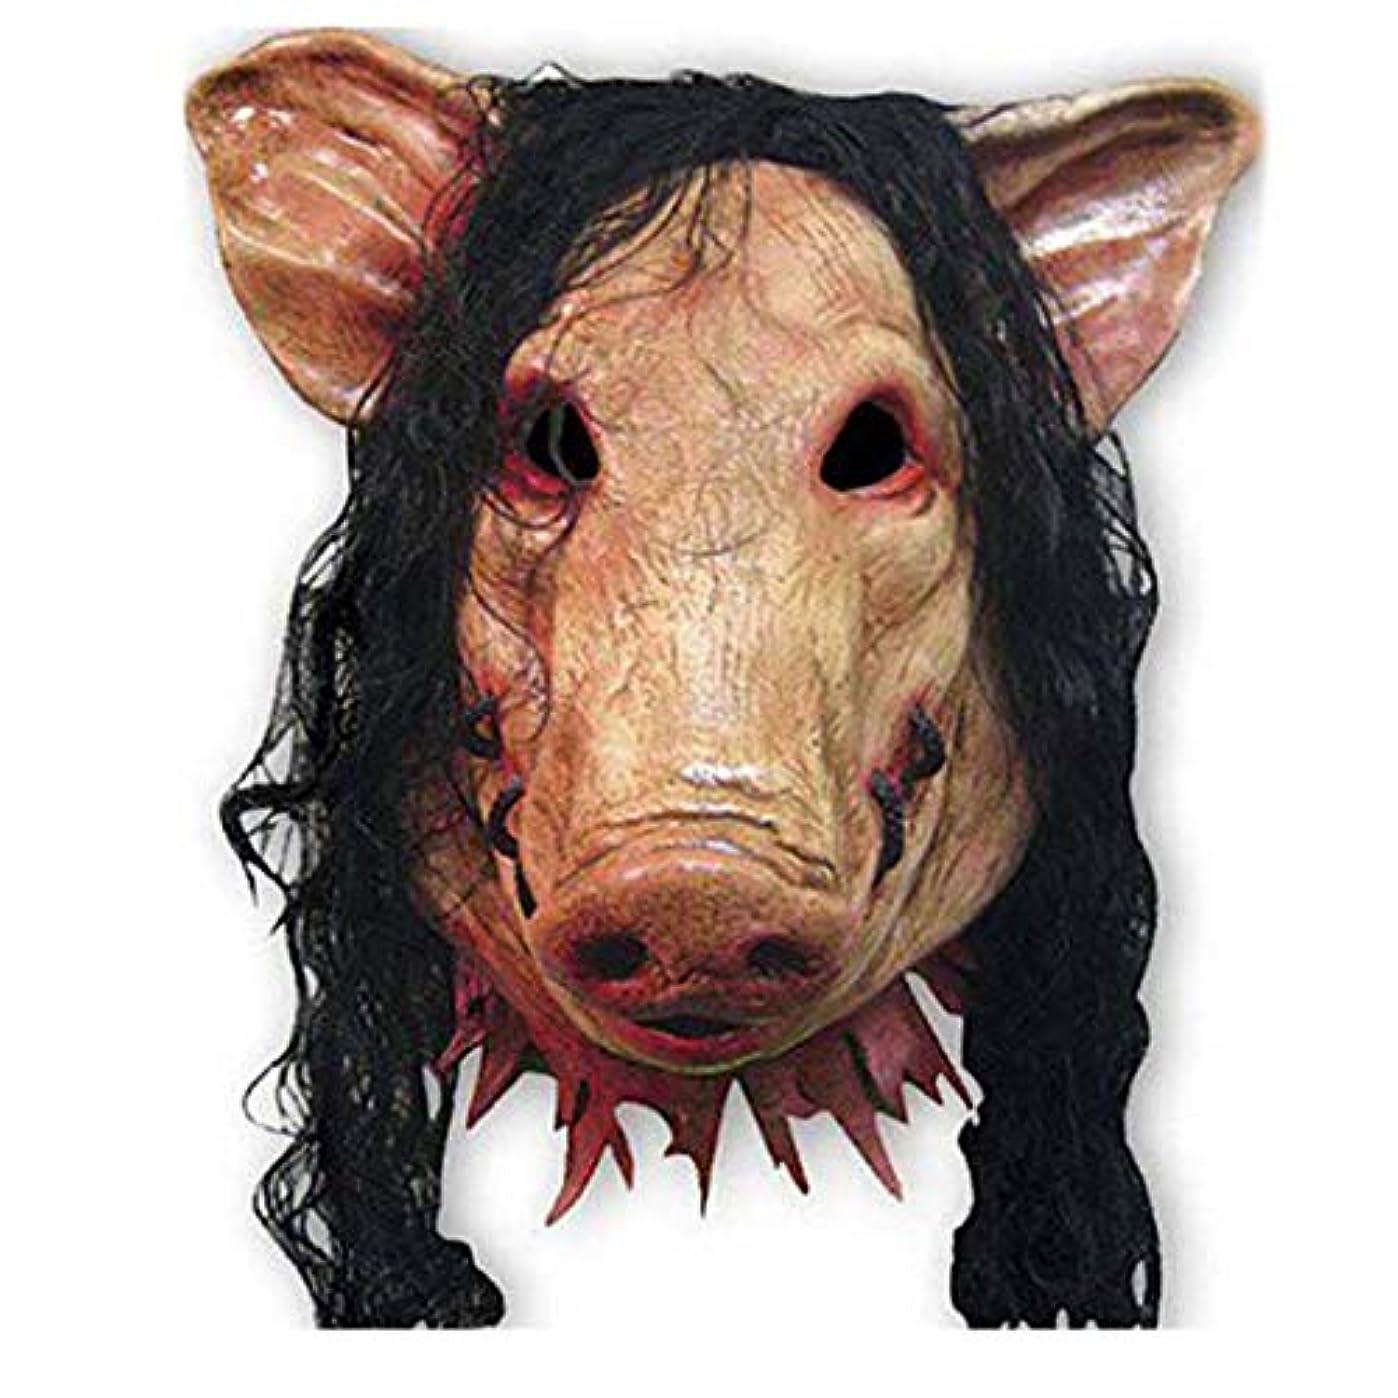 未使用苦味広がりハロウィーンピッグヘッドマスク、マスカレードボールジェネレーションピッグヘッドマスクラテックスフルフェイスフード(フリーサイズ)